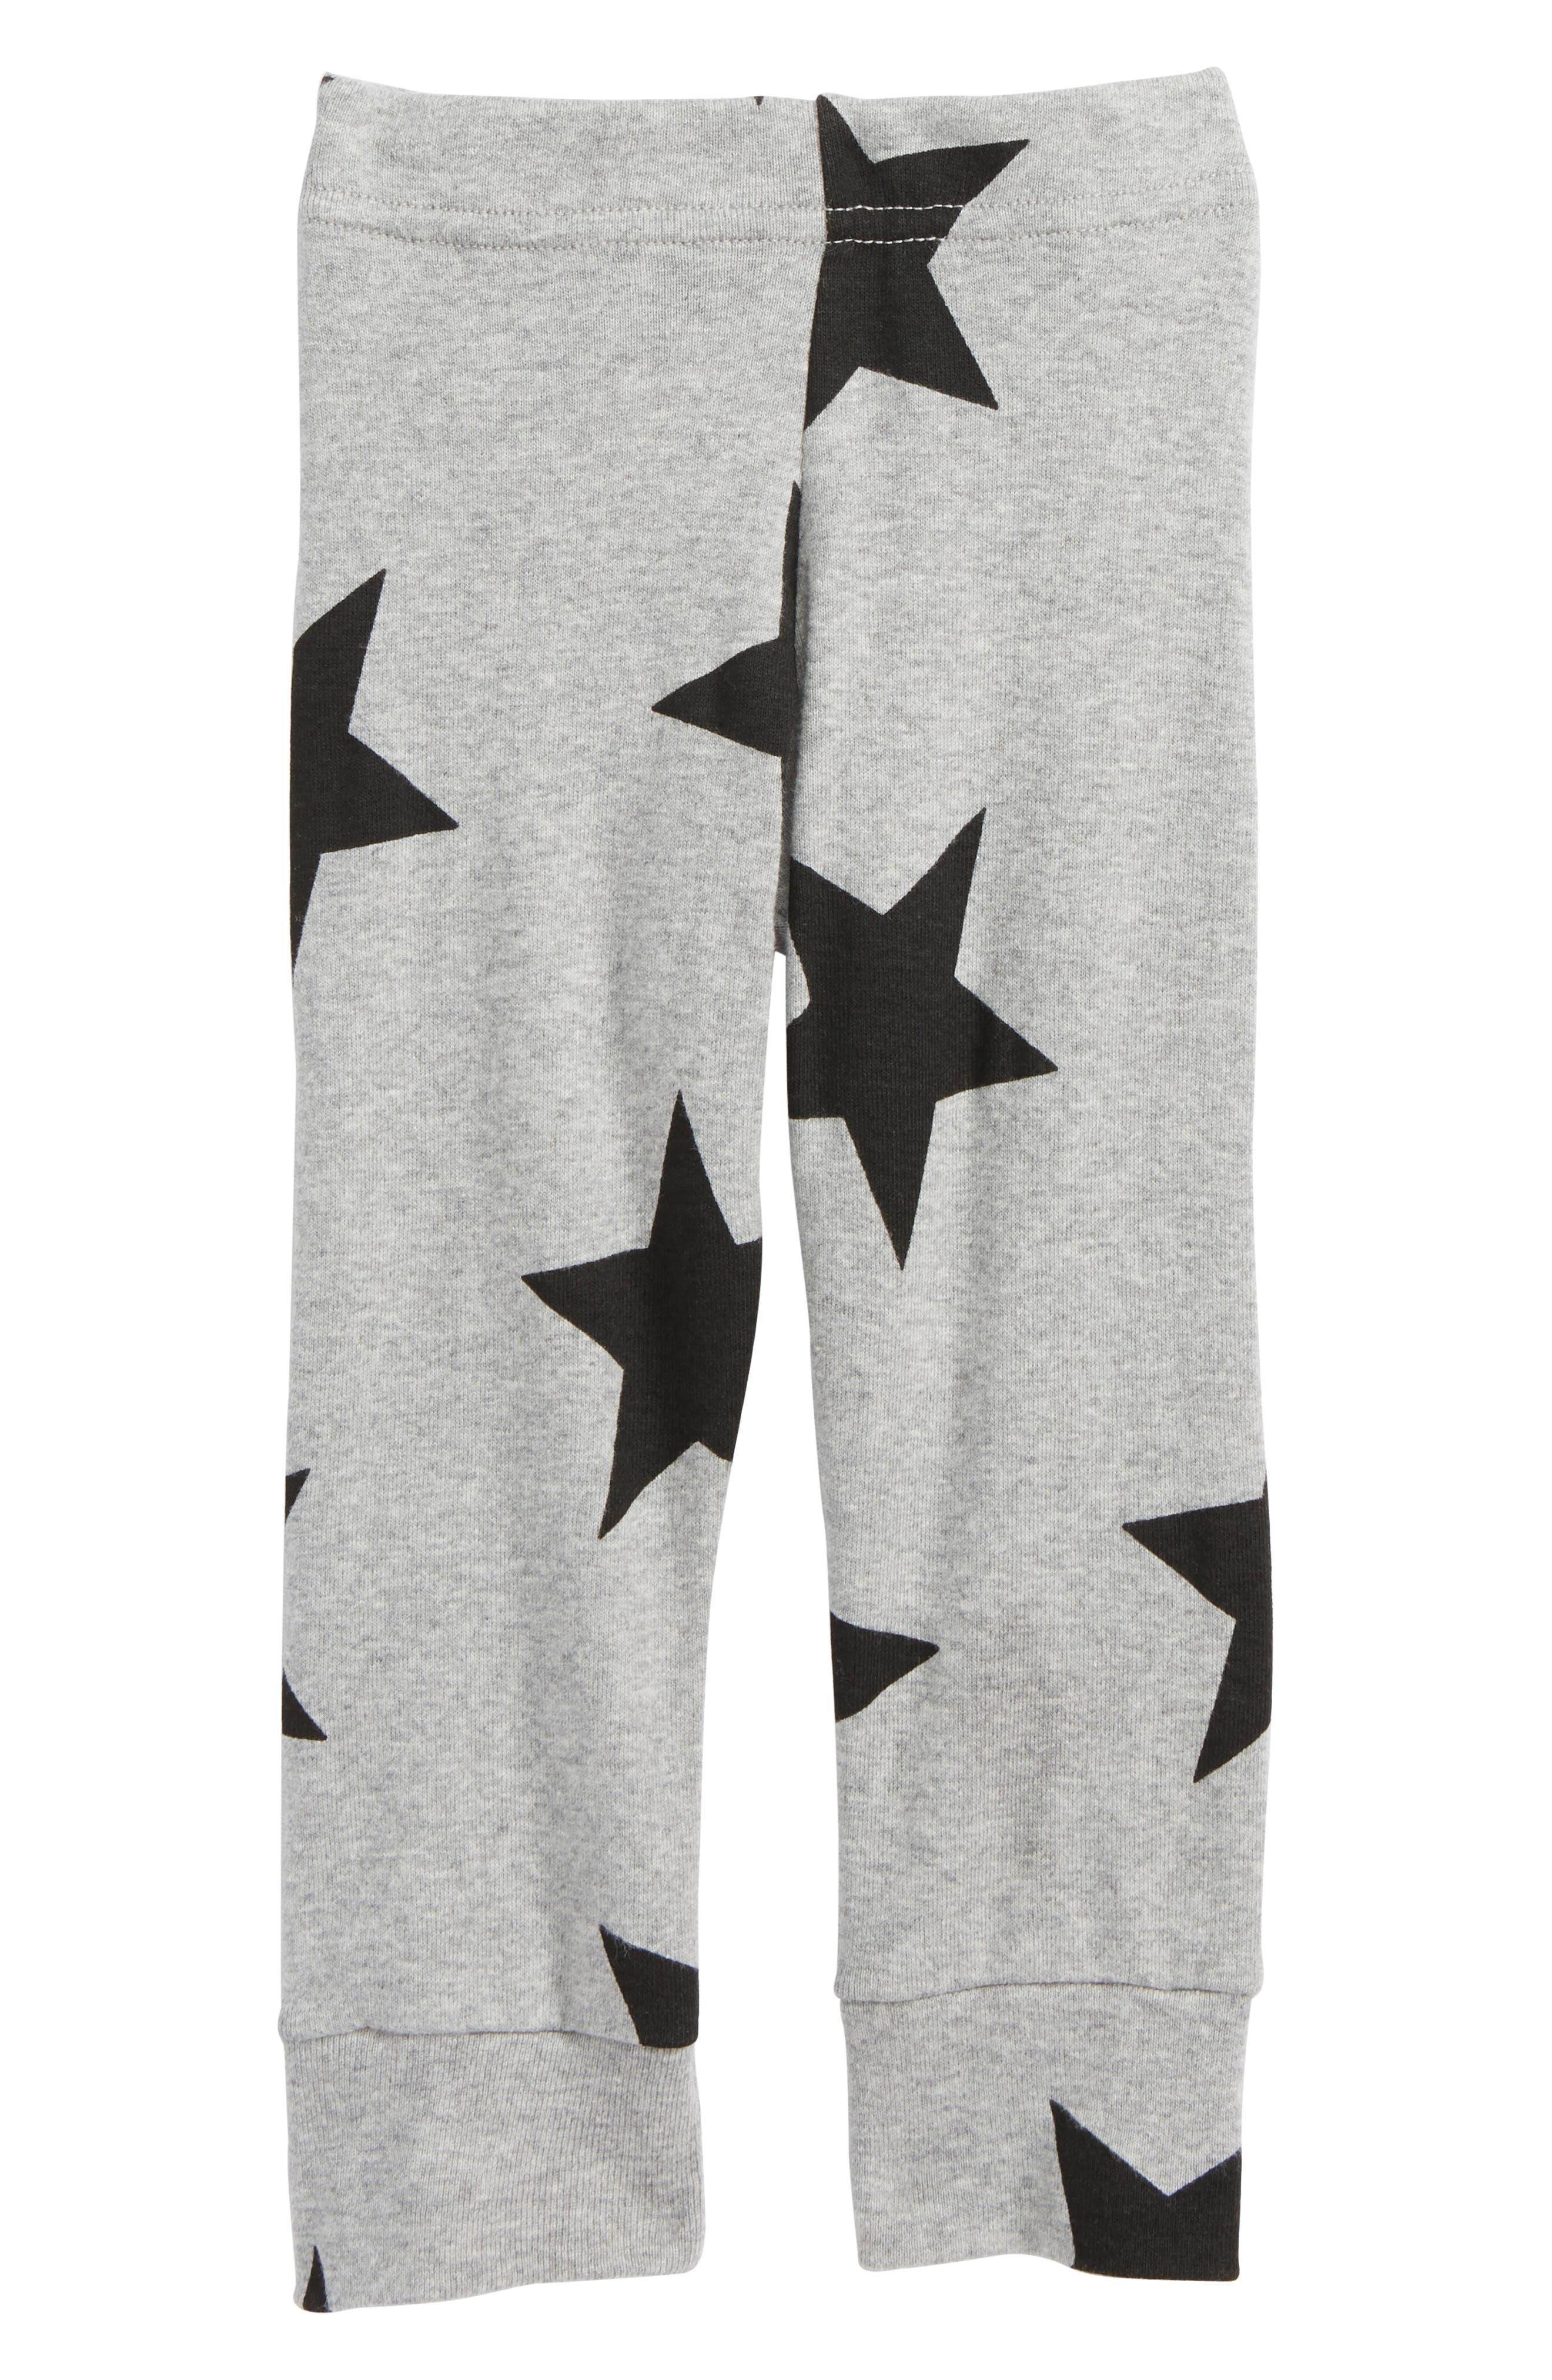 Nununu Star Print Pants (Baby)